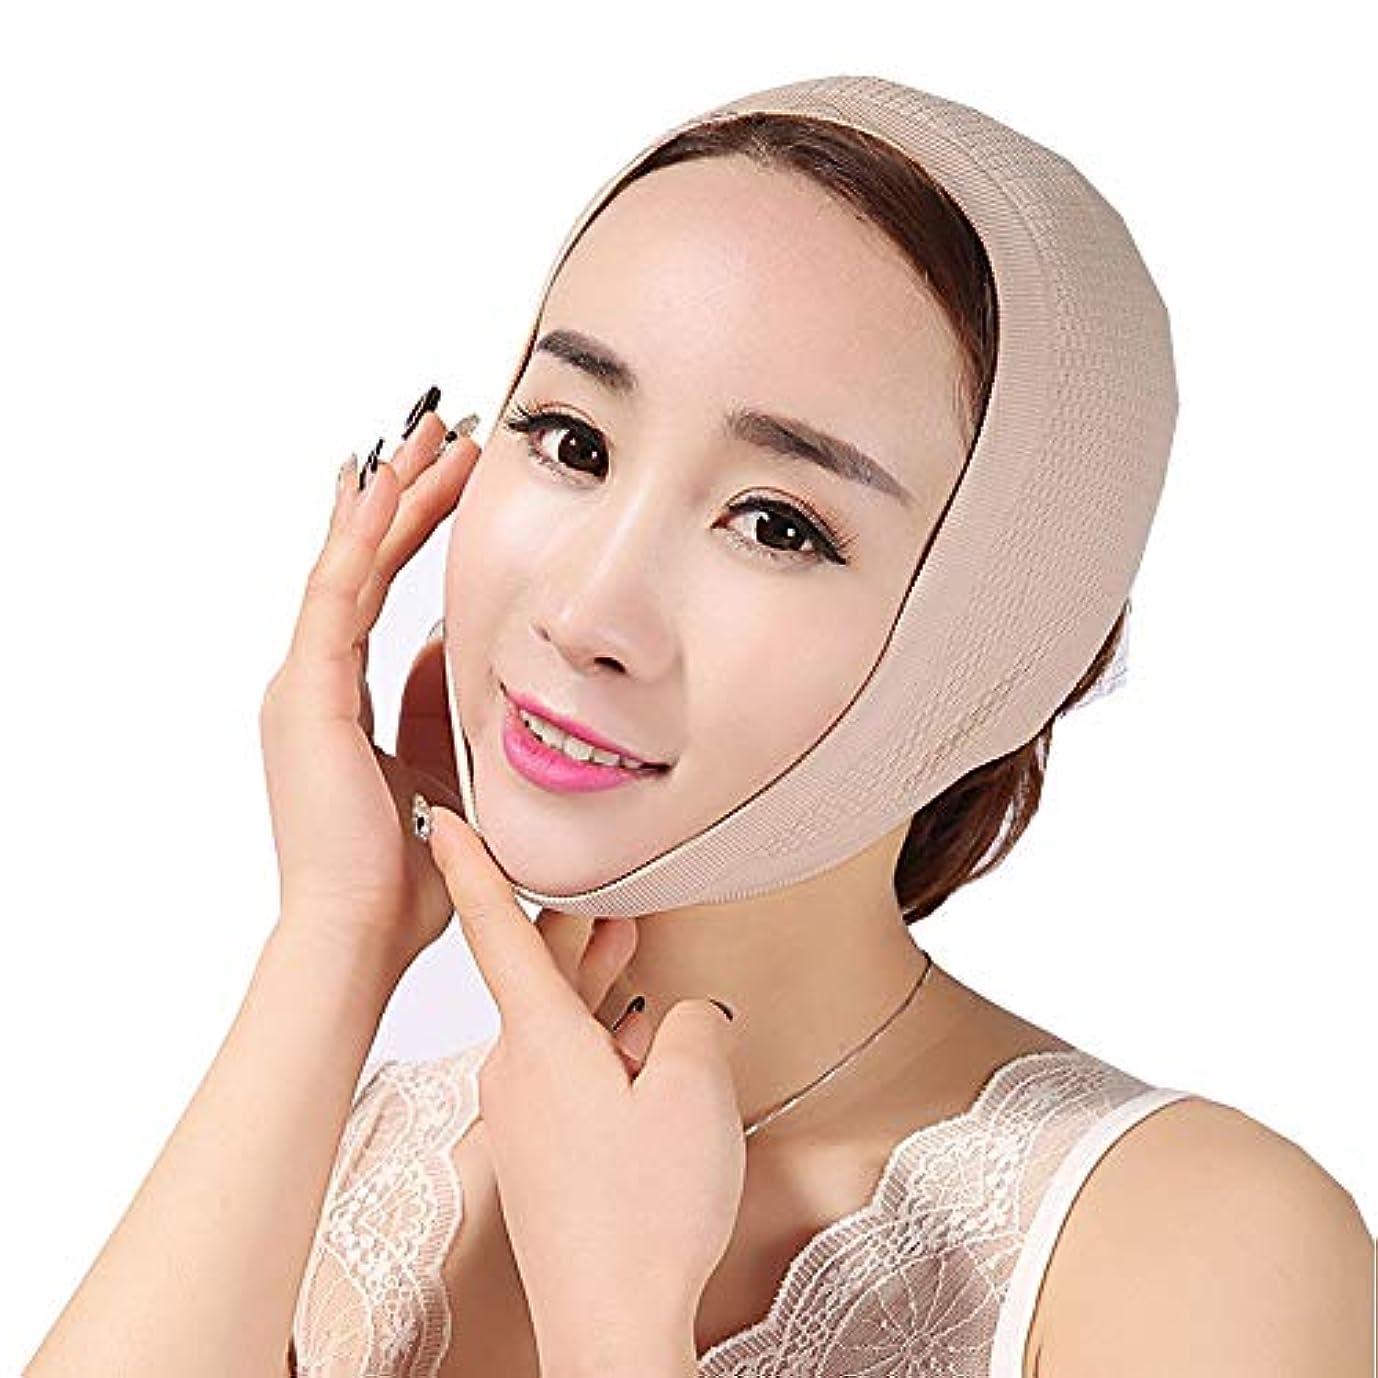 滑り台特徴欲望フェイスマスクで眠る薄い顔フェイスリフトフェイスリフトアーティファクトスモールフェイスVフェイスリフト付きフェイスフェイス包帯引き上げジョーセット